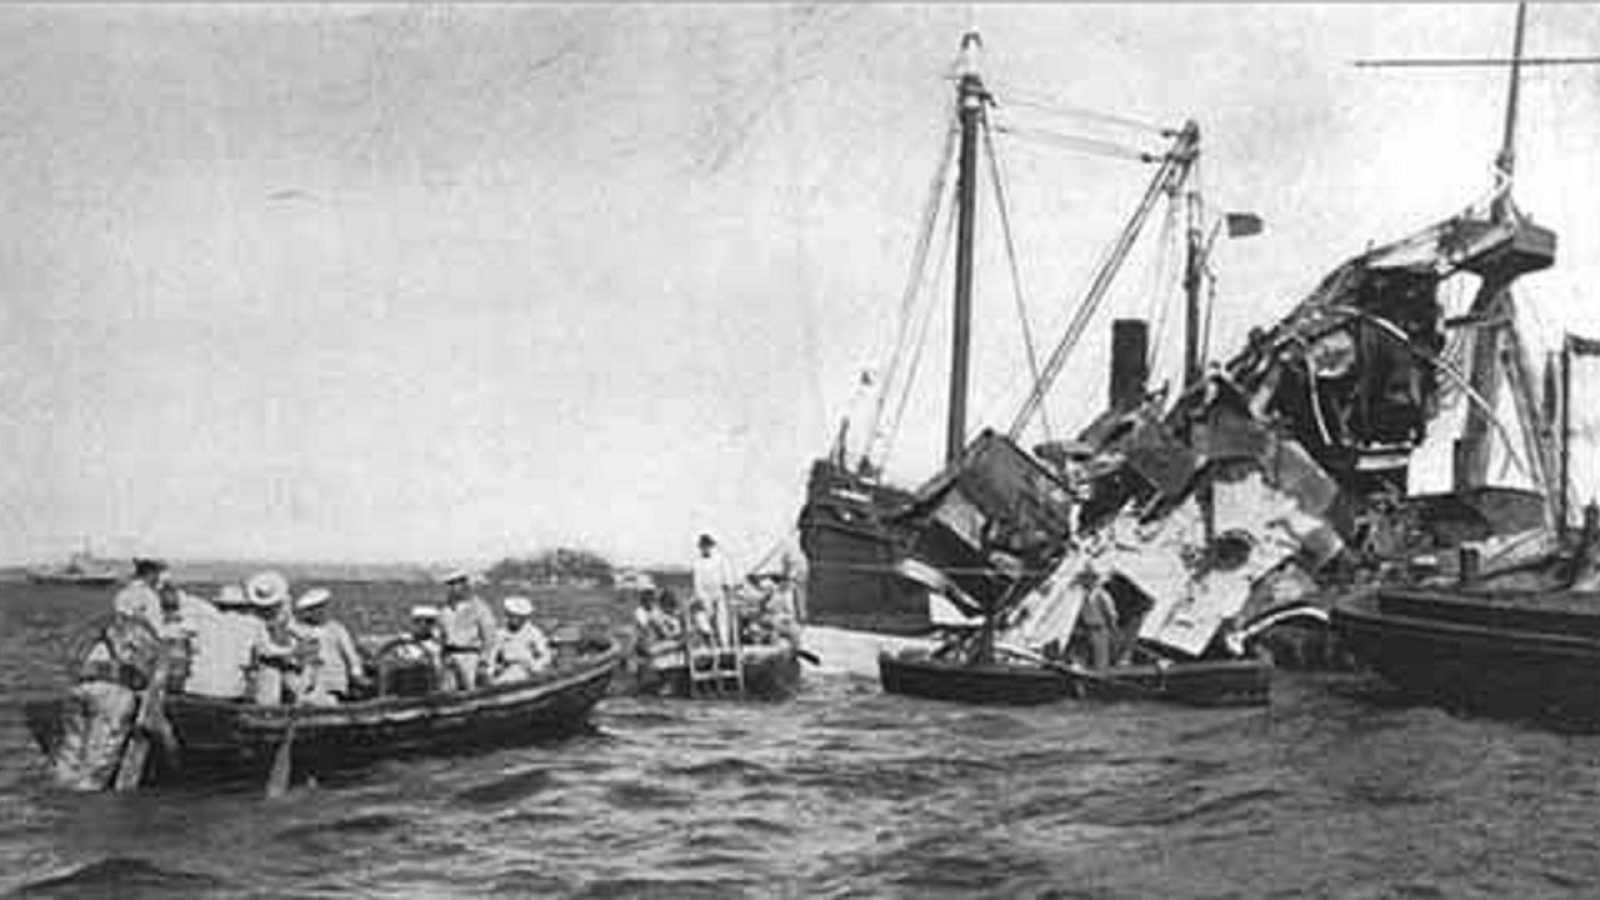 Documentos RNE - El desastre del 98. El fin del imperio español - 30/04/21 - escuchar ahora